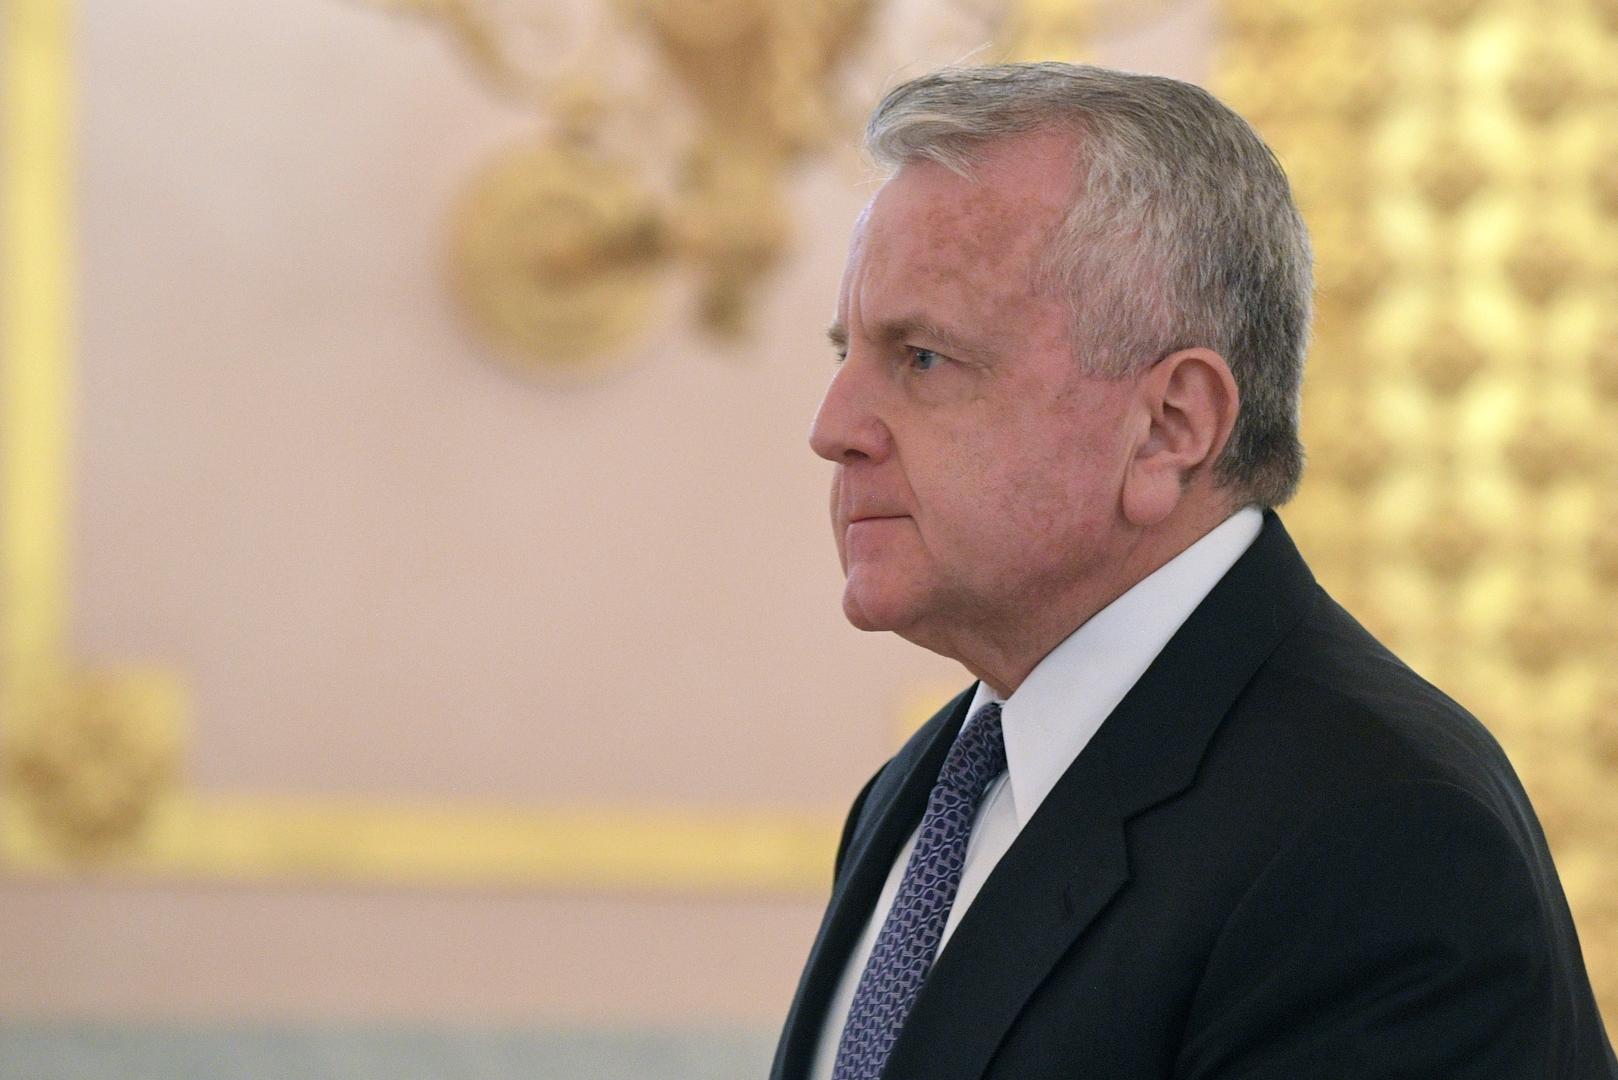 السفير الأمريكي لدى روسيا يعرب عن تعازيه في حادث تحطم طائرة كامتشاتكا